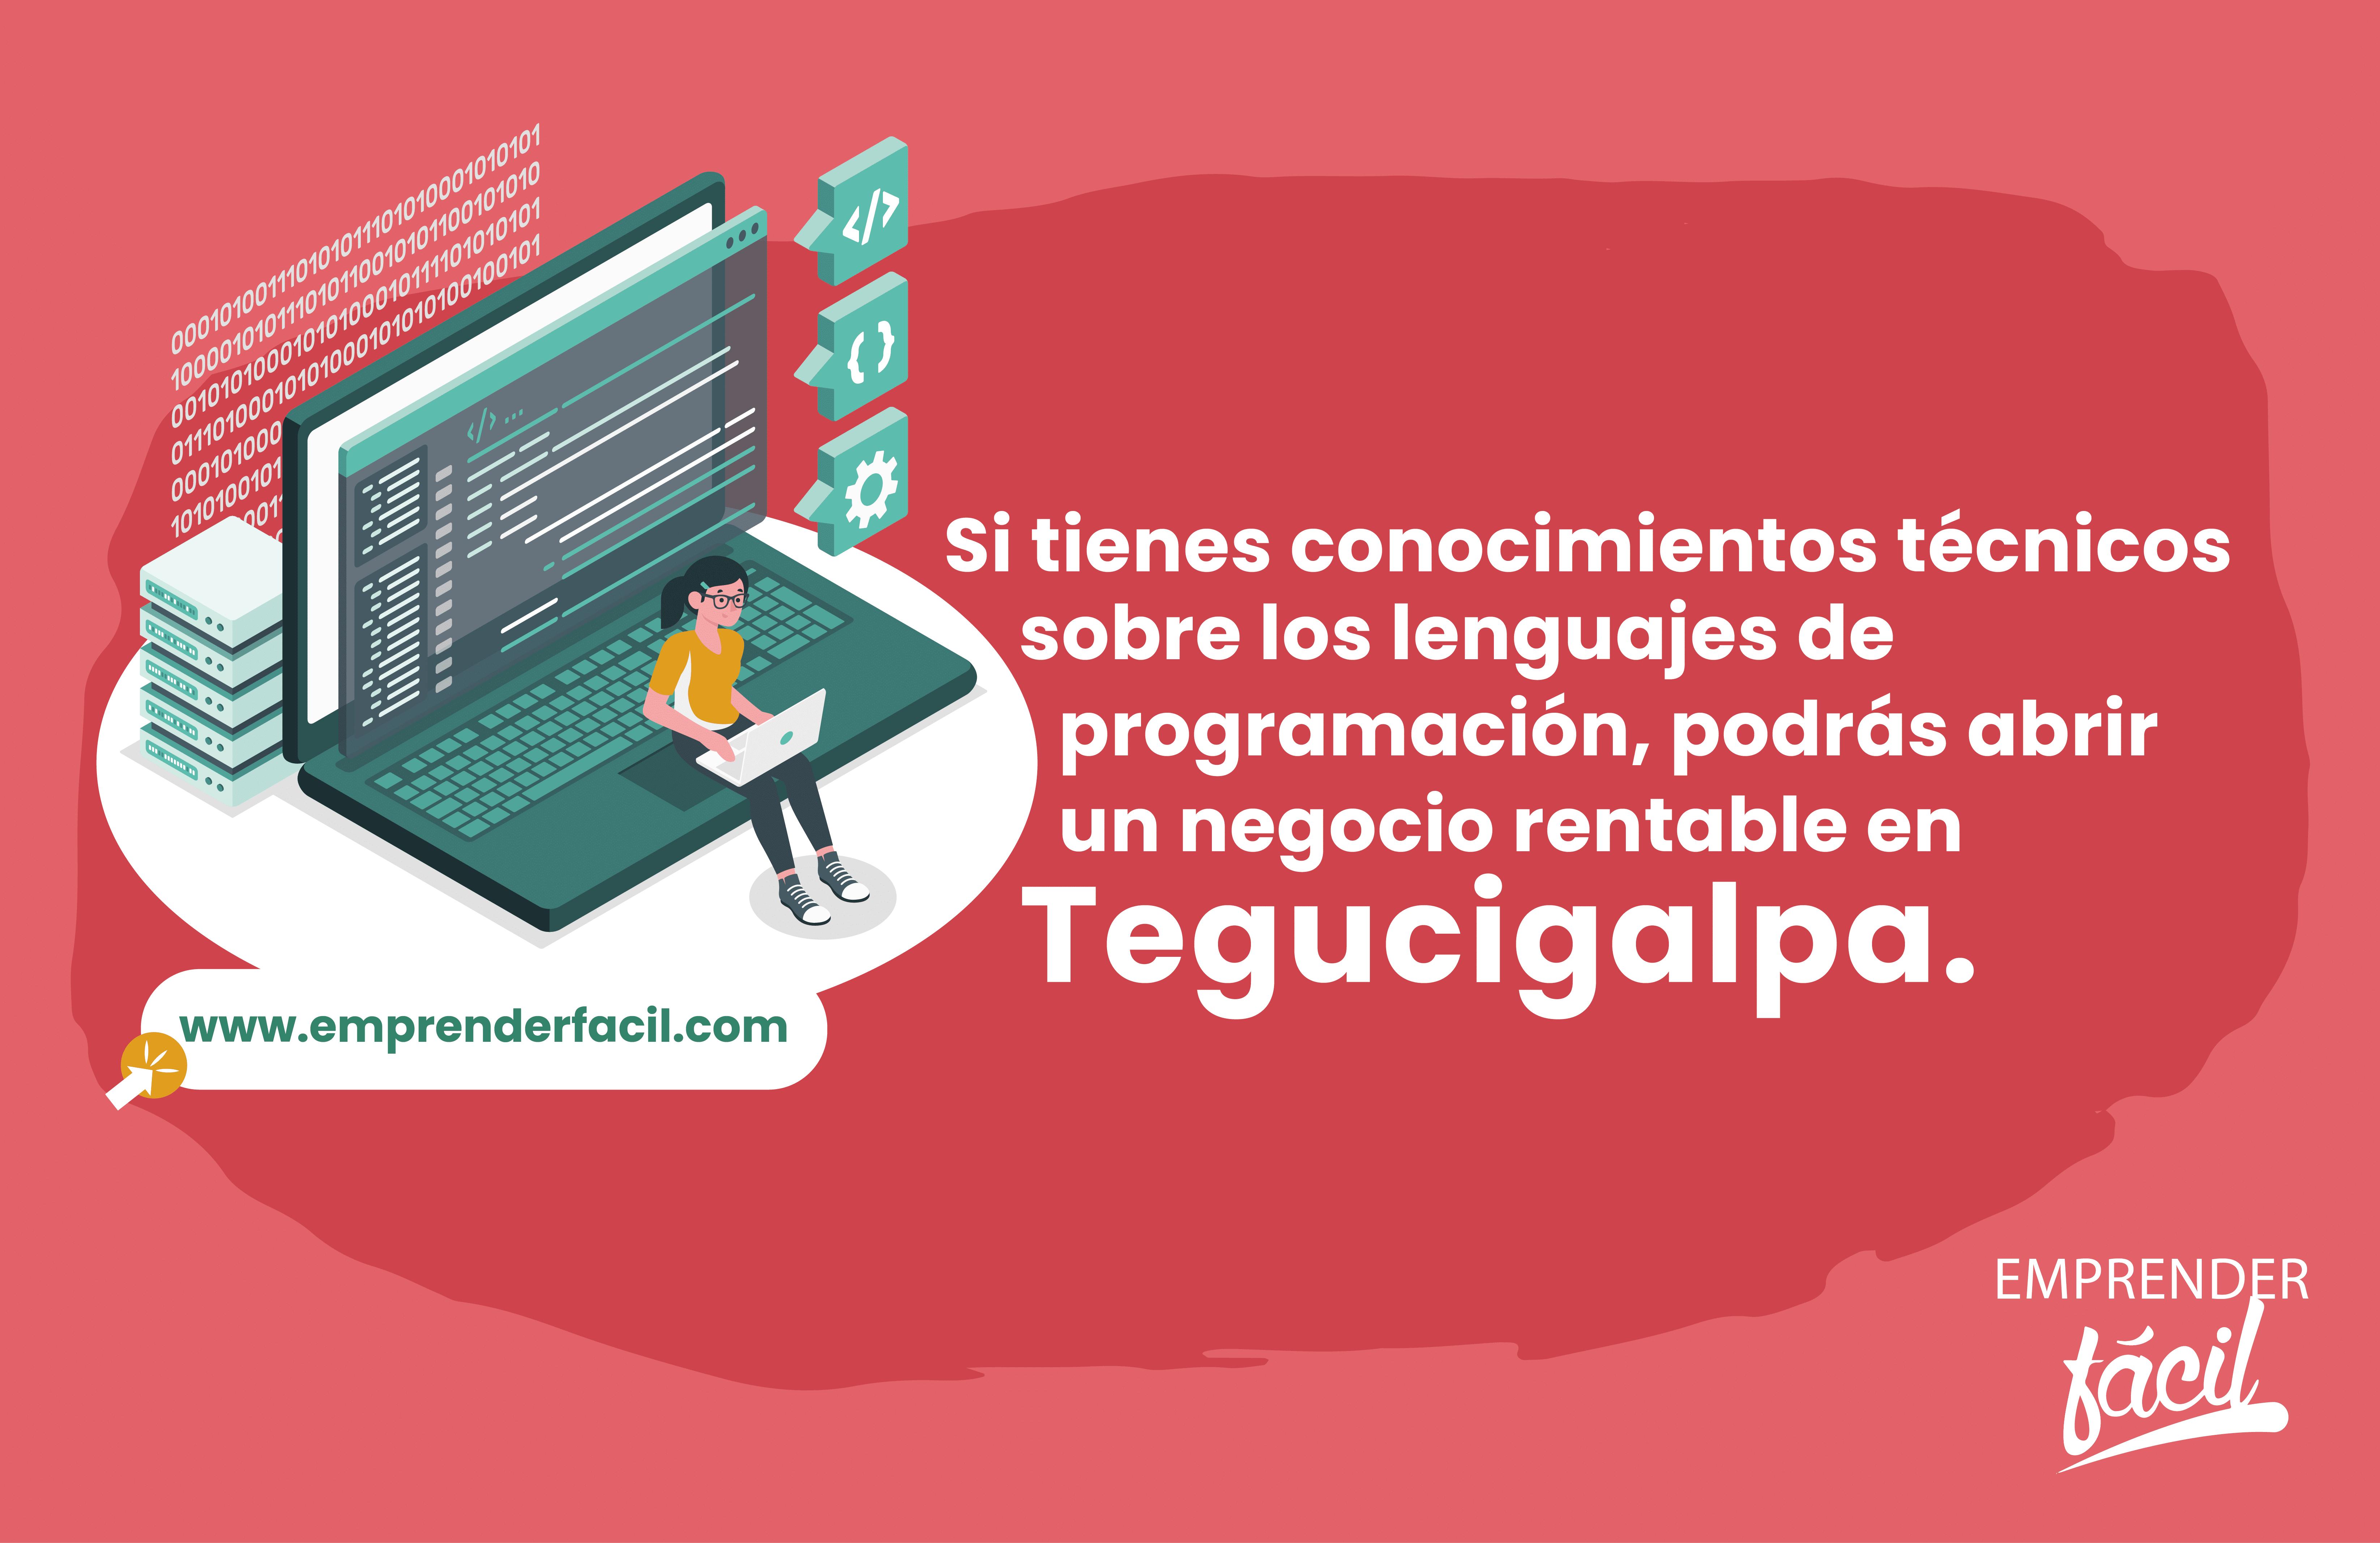 El desarrollo de aplicaciones es uno de los negocios rentables en Tegus.